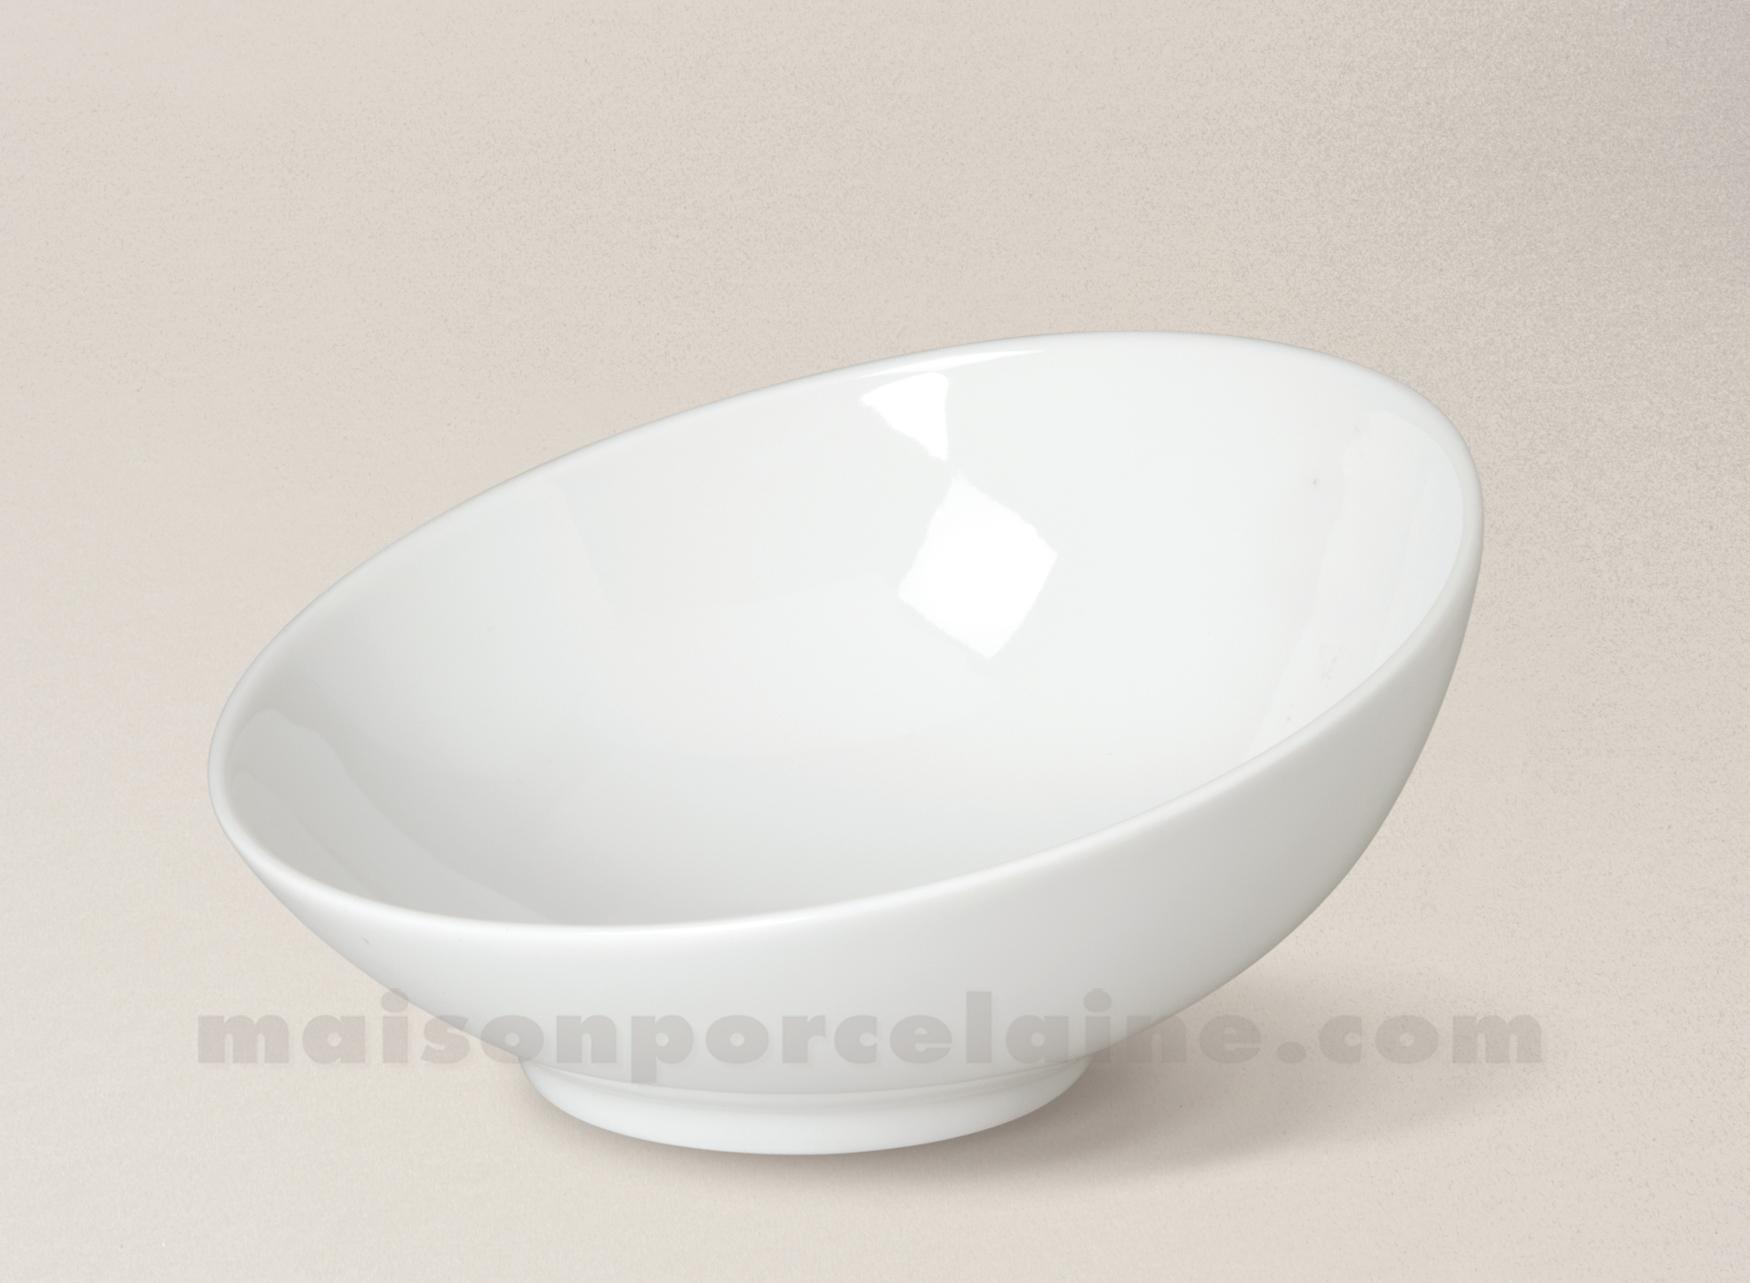 saladier porcelaine blanche coupe d17 maison de la porcelaine. Black Bedroom Furniture Sets. Home Design Ideas